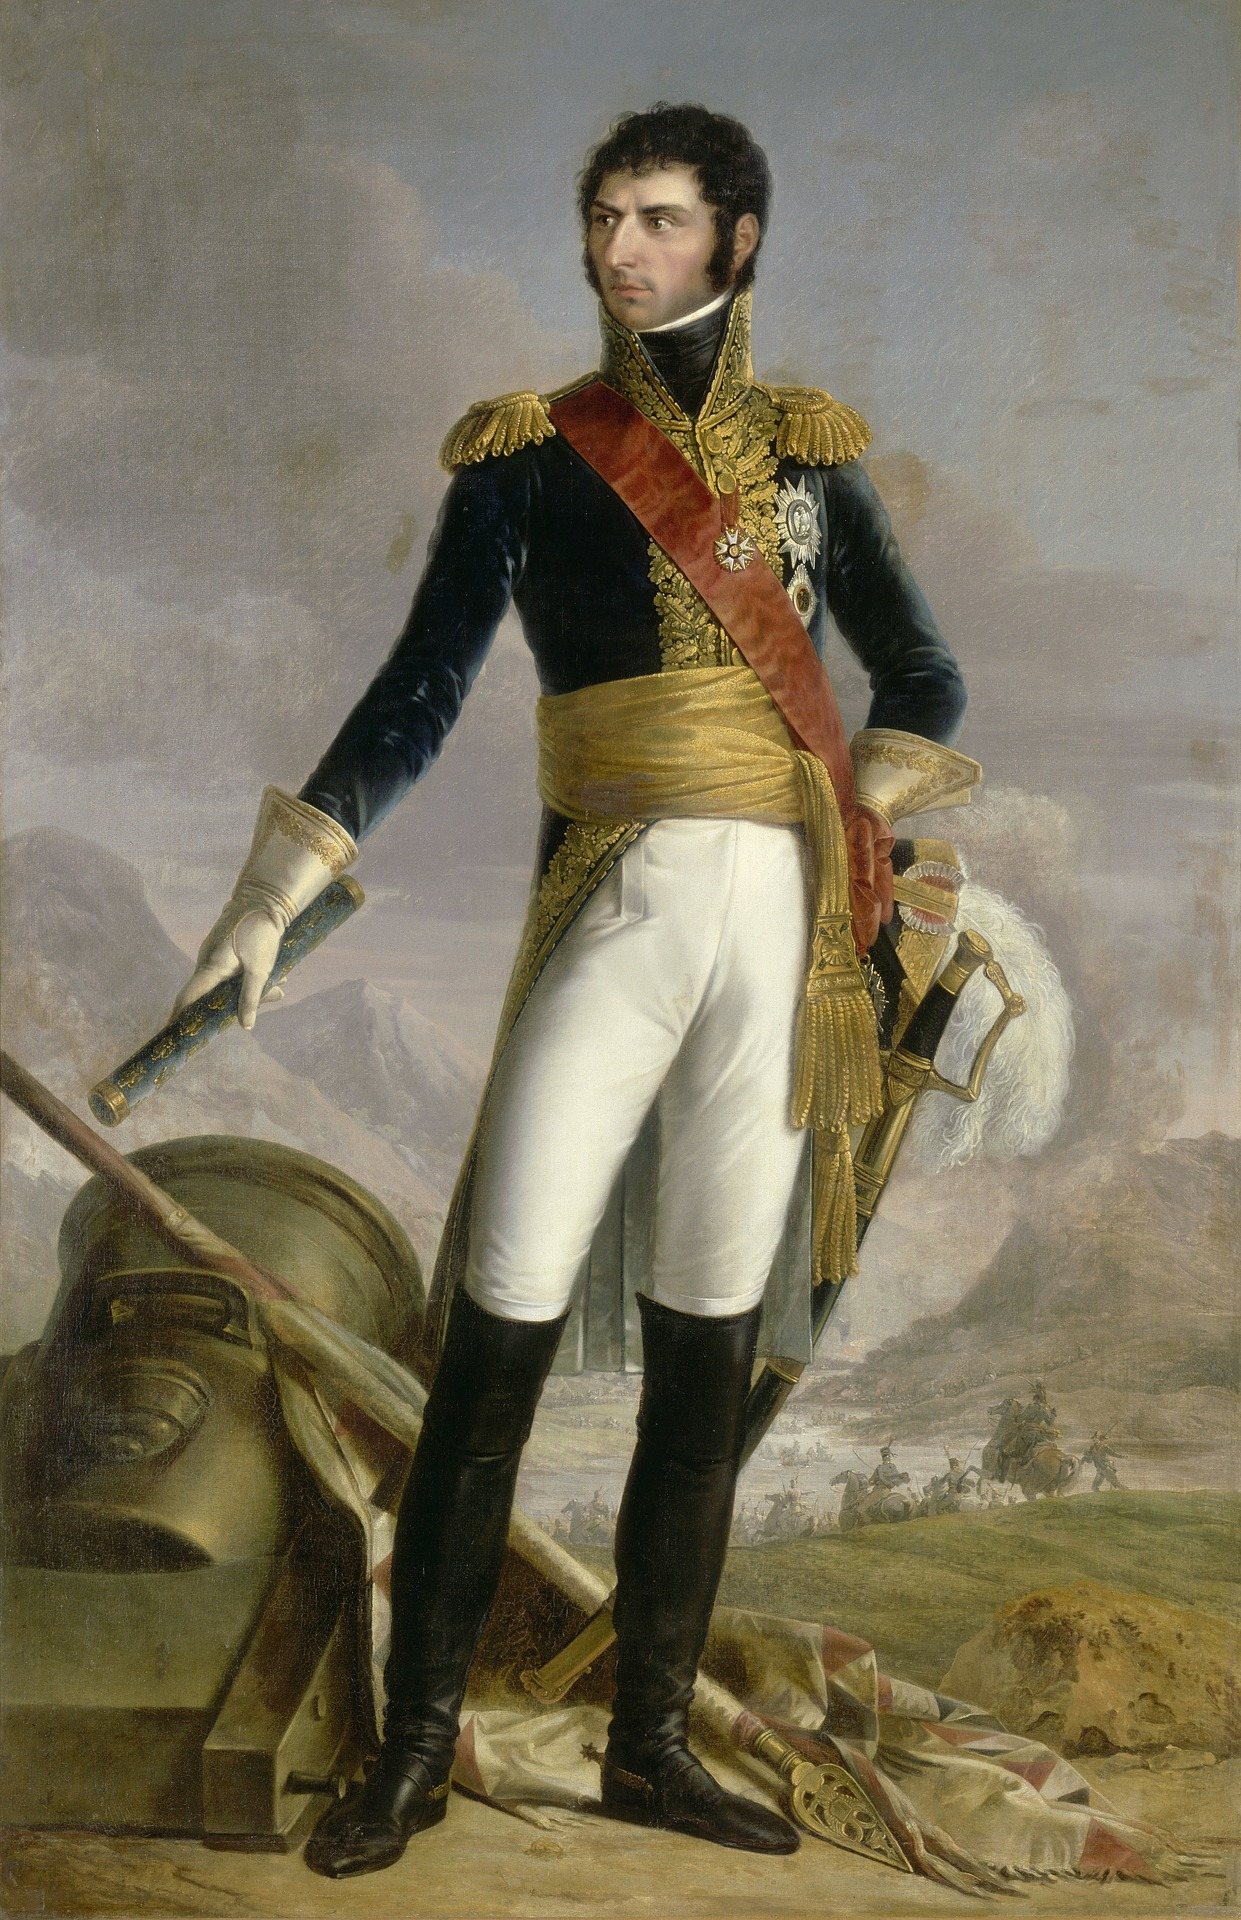 """Jean-Baptiste Bernadotte ließ sich als glühender Mitstreiter der Revolution """"La mort au roi!""""(Tod dem König) stechen."""